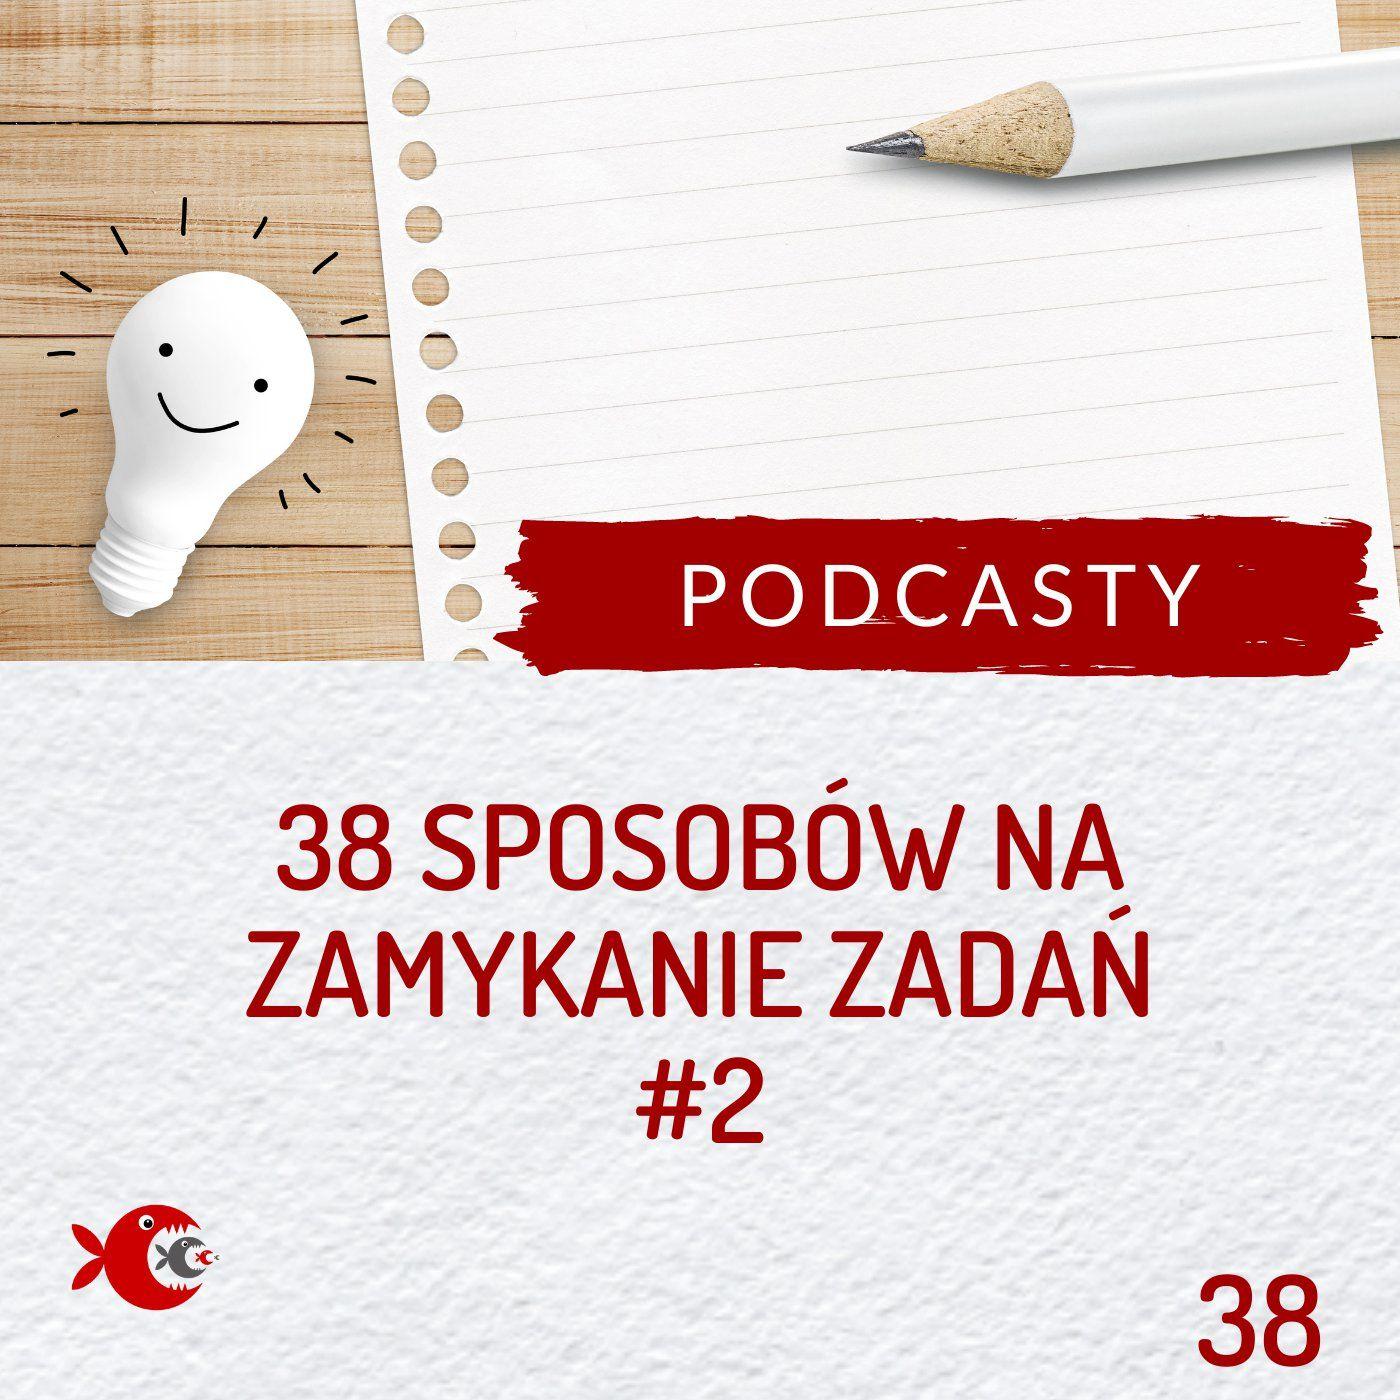 38 38 sposobów na skuteczne zamykanie zadań #2